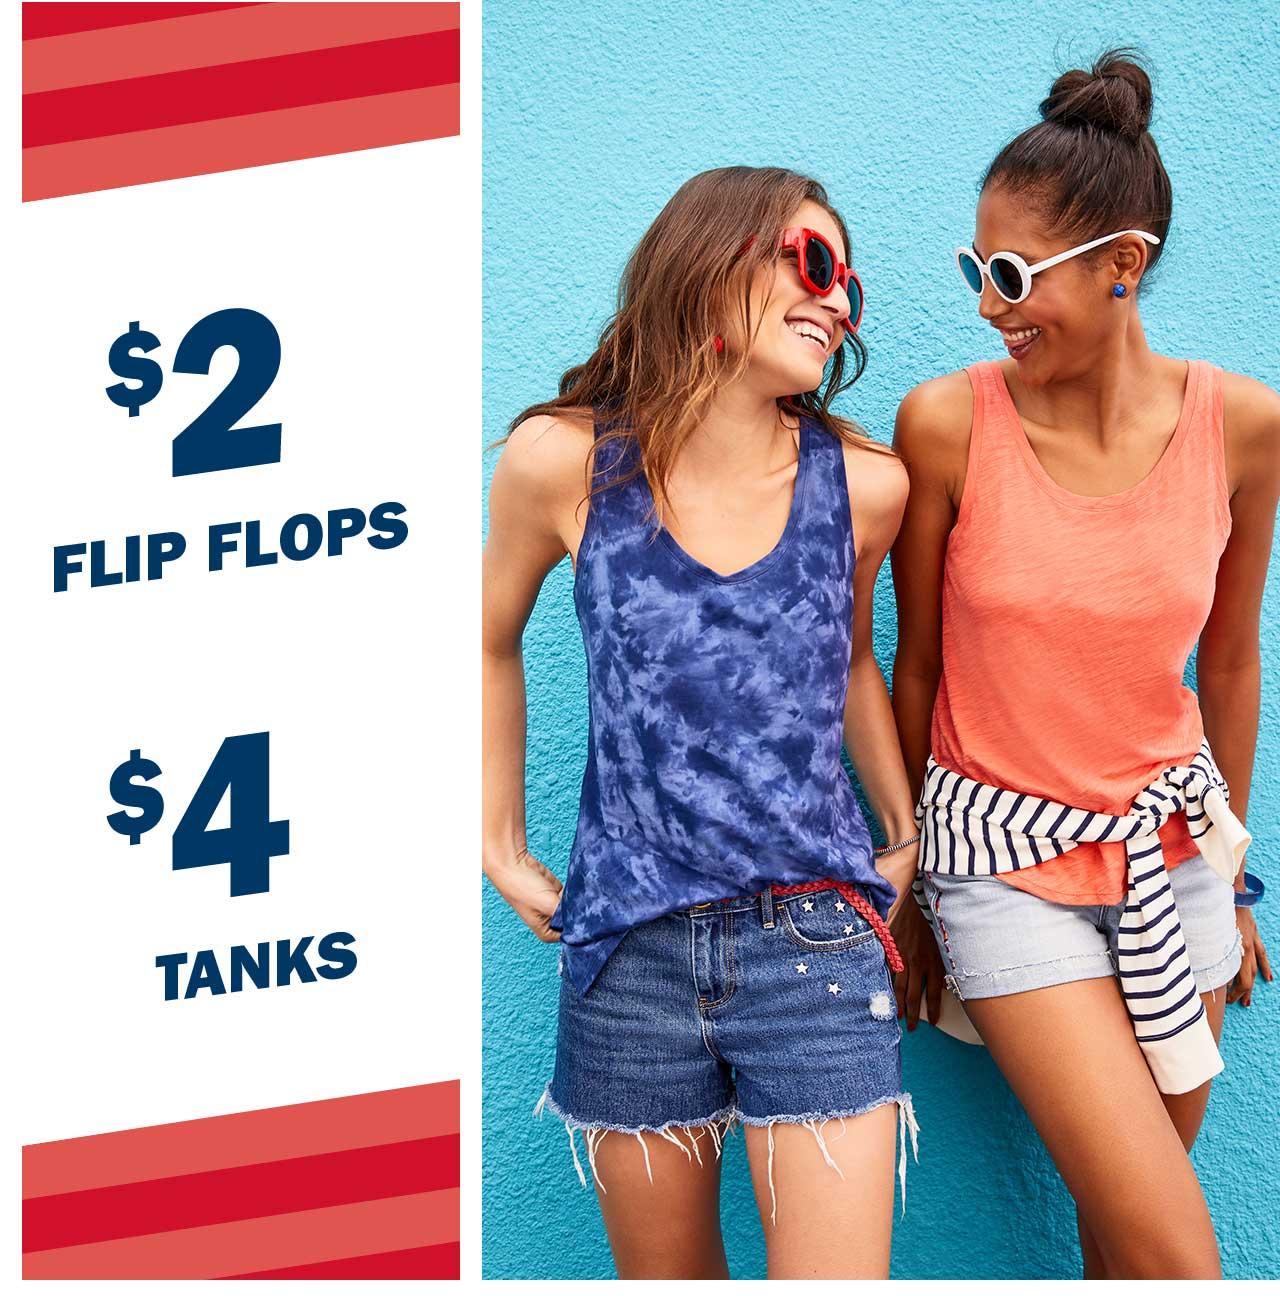 $2 FLIP FLOPS   $4 TANKS